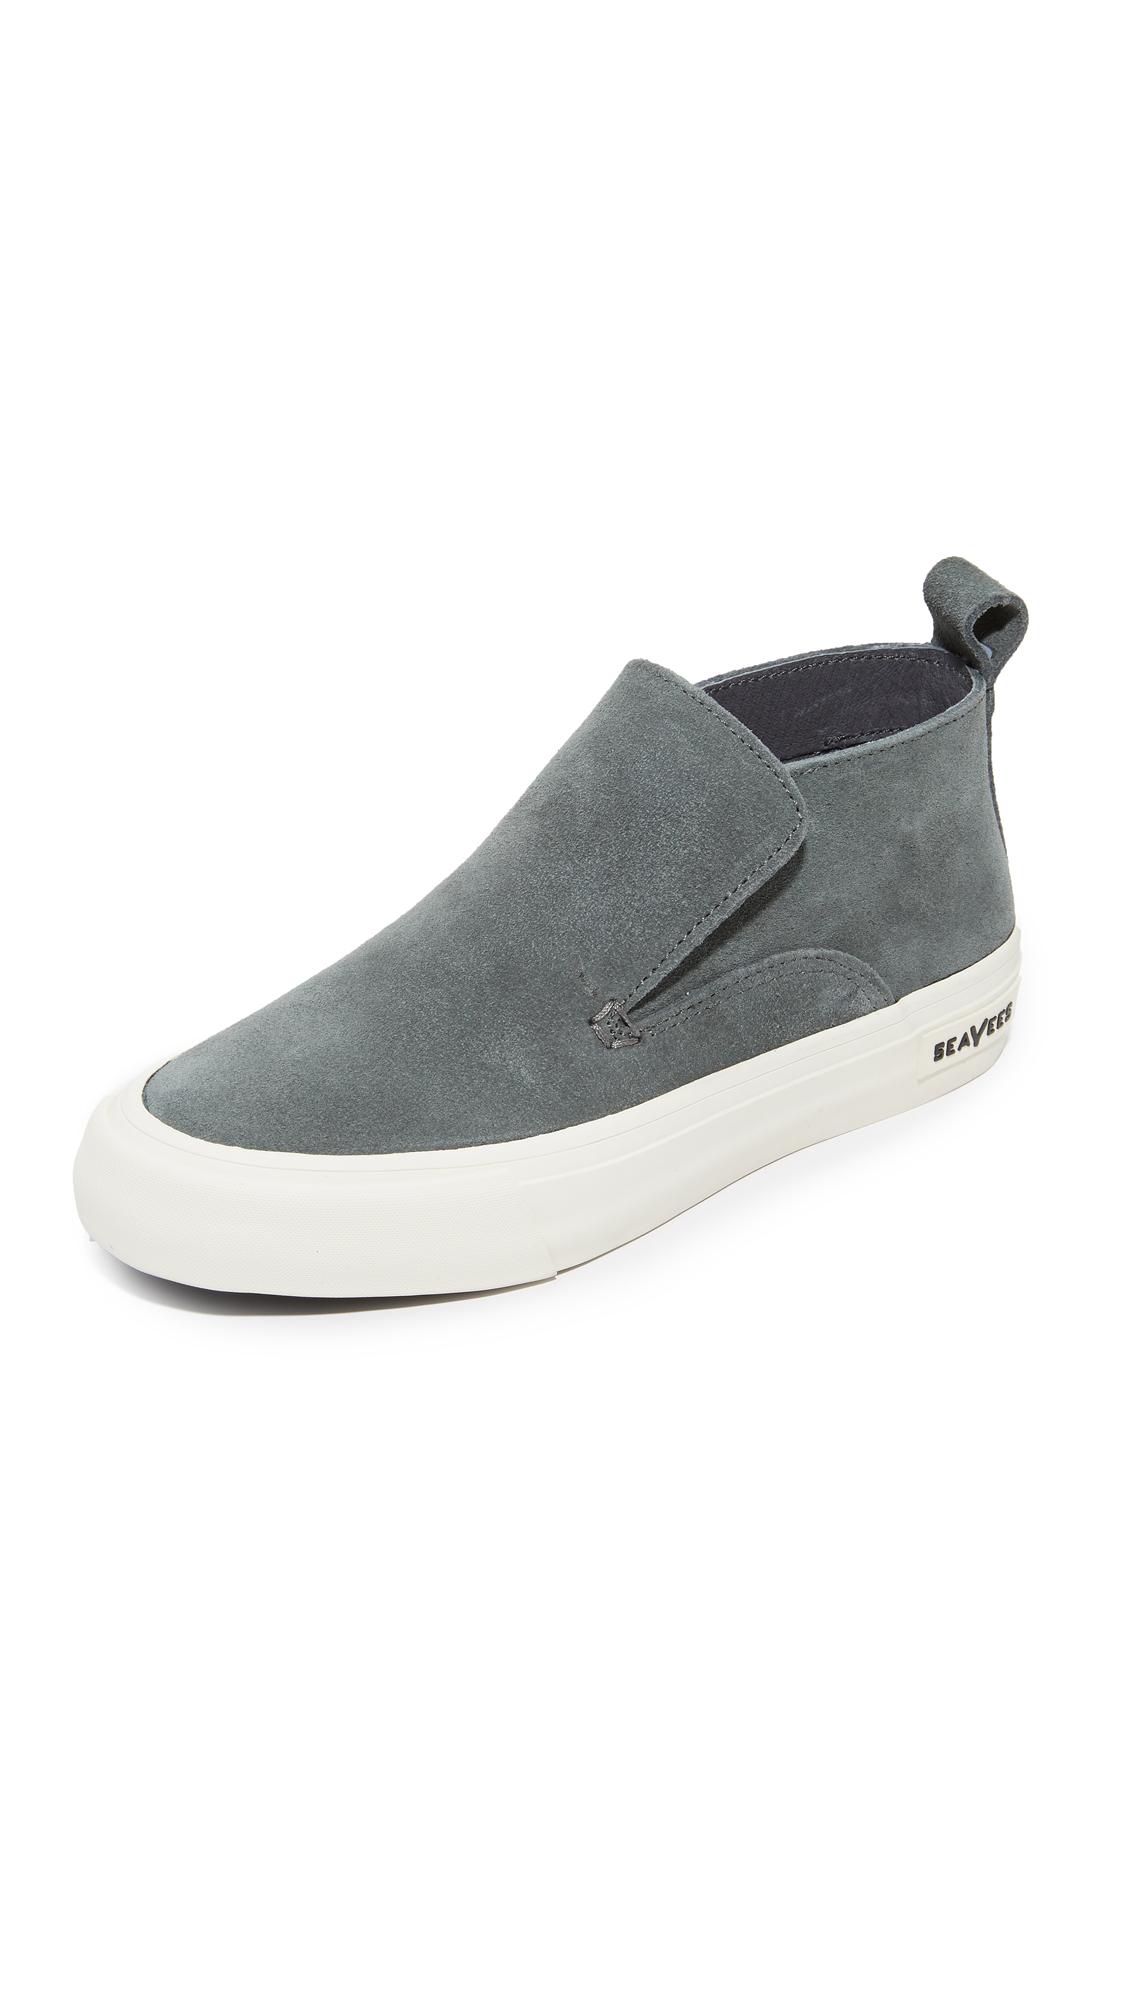 SeaVees Huntington Middie Sneakers - Greyboard